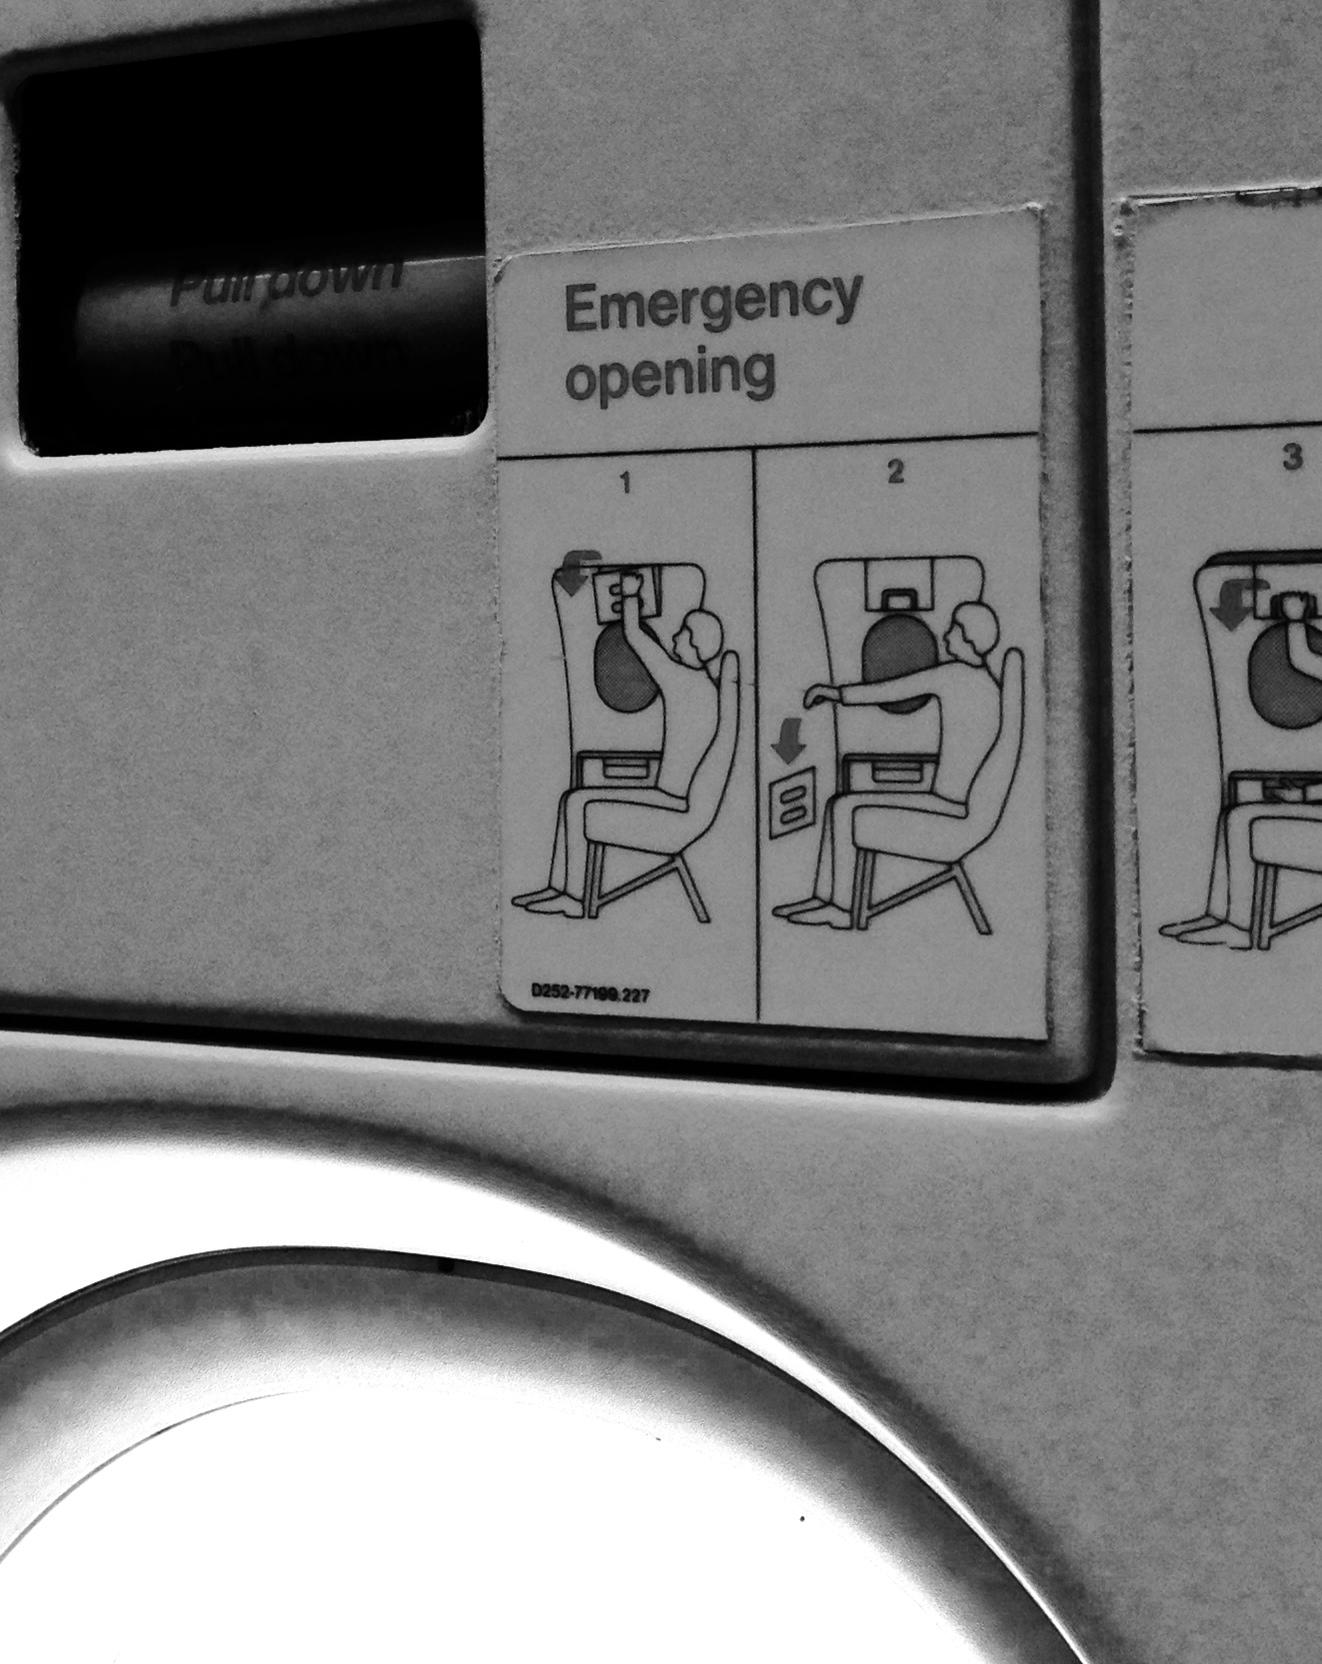 Open in Emergency